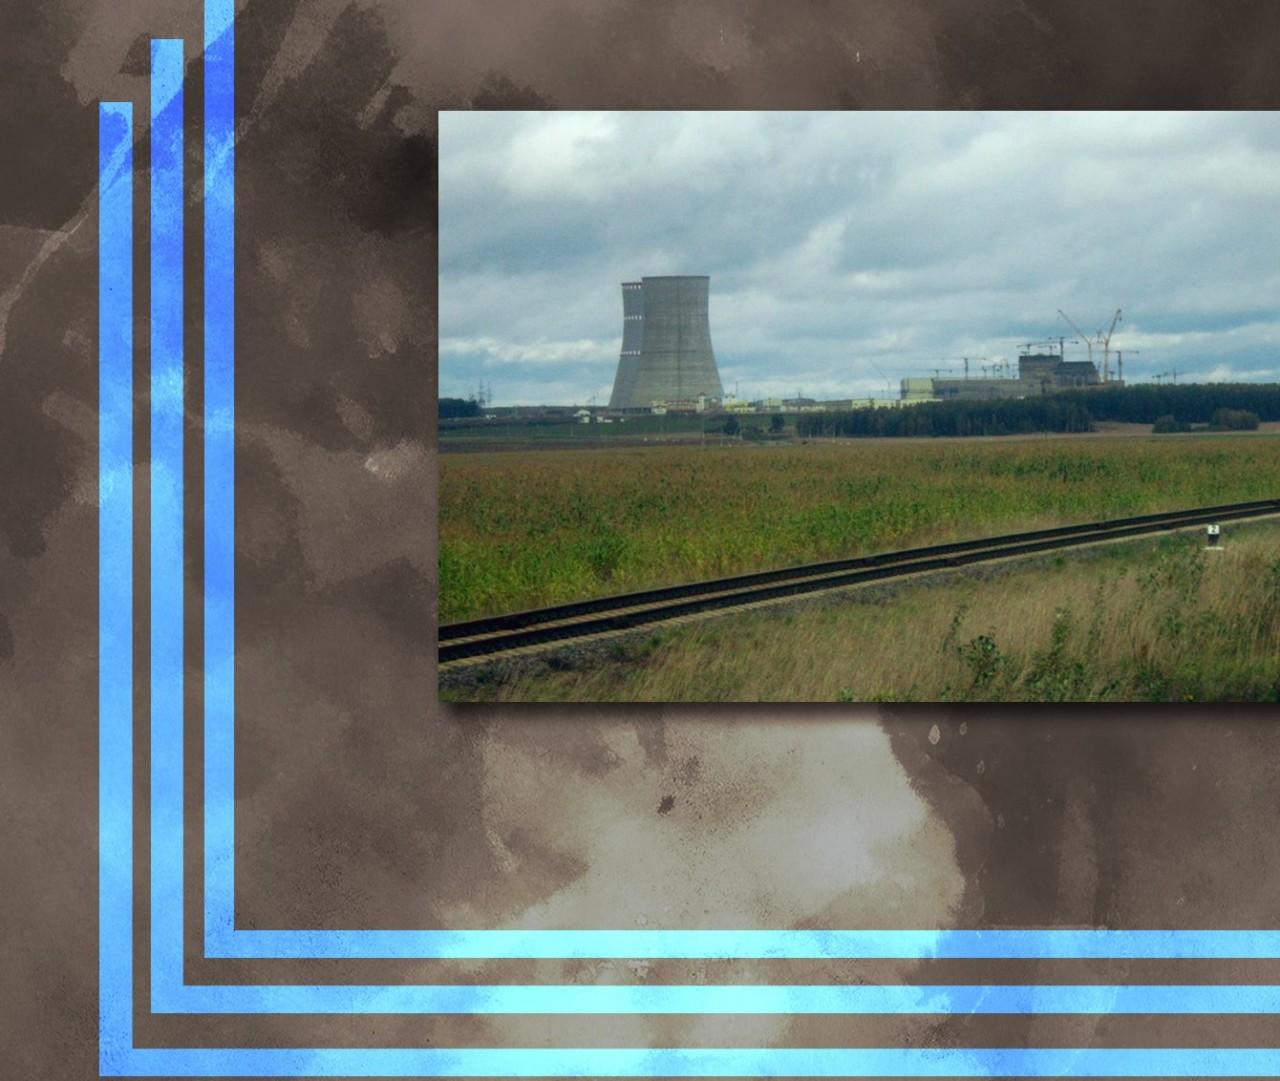 Какие проблемы ждут белорусских энергетиков в случае разрыва энергокольца БРЭЛЛ